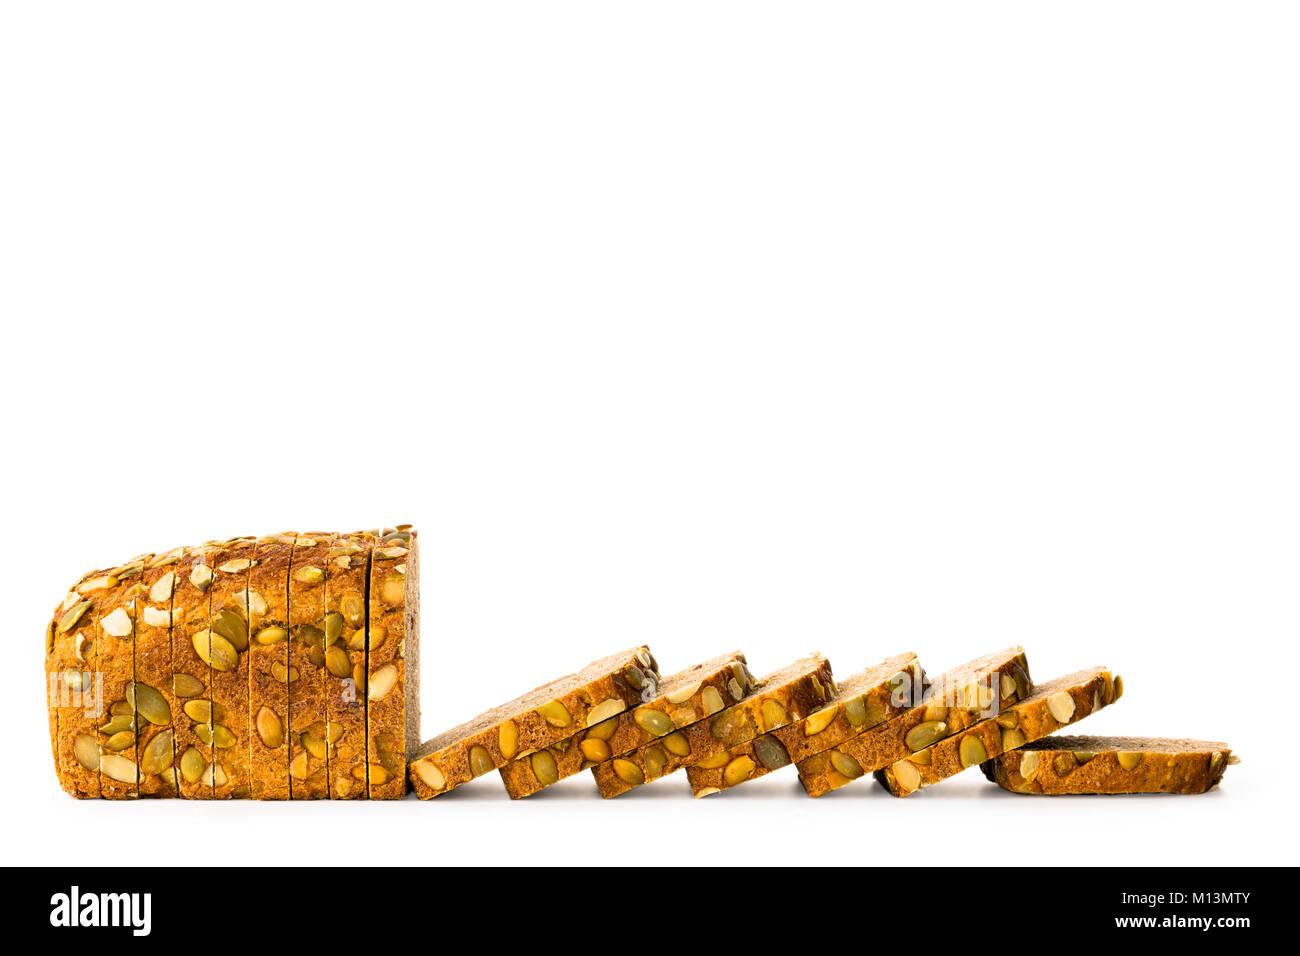 Il granaio di integrale pane a fette parzialmente isolato su sfondo bianco, vista frontale, primo piano Immagini Stock